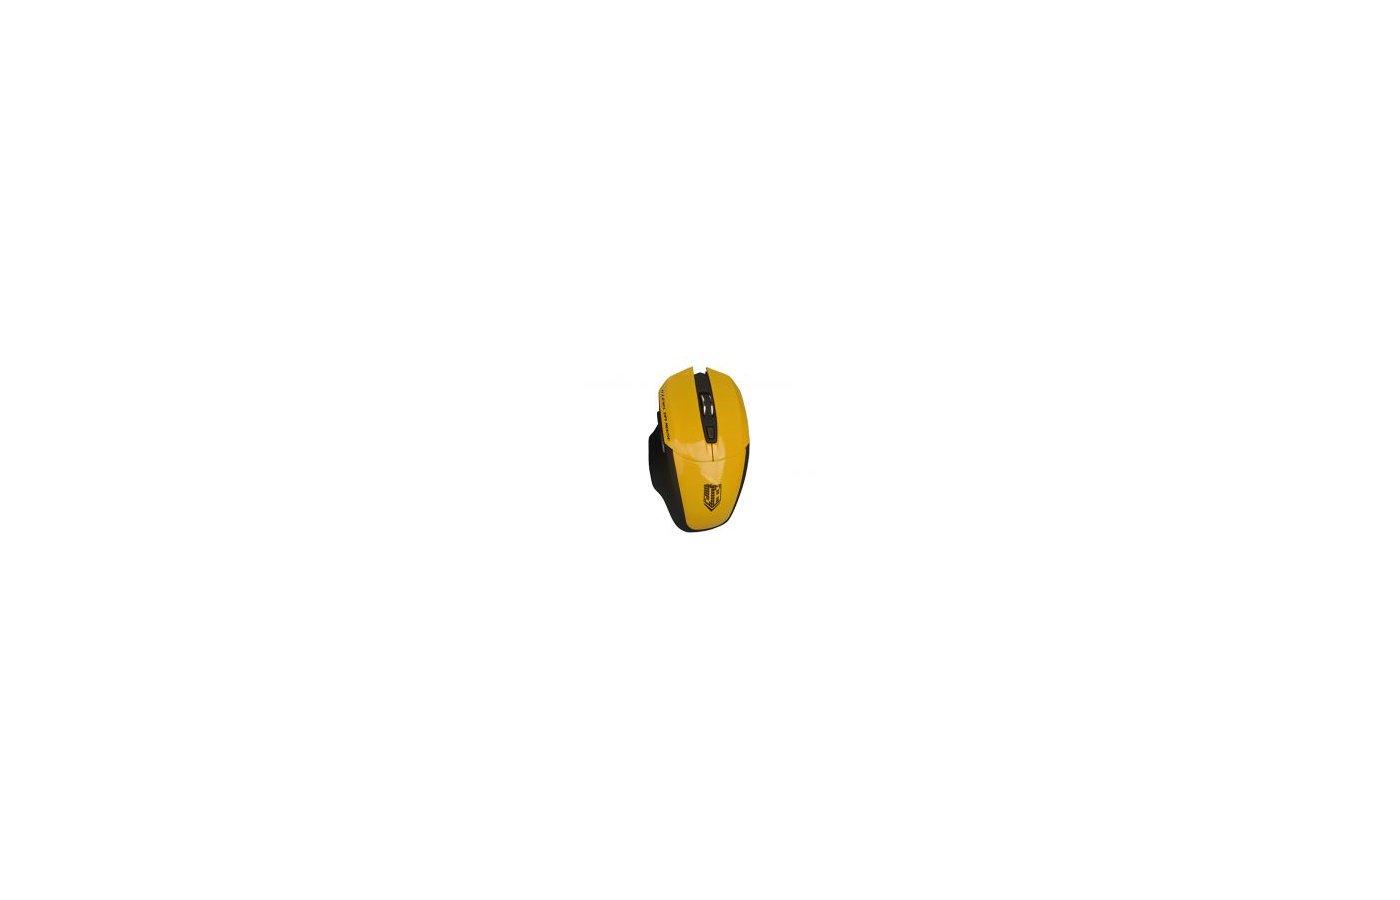 Мышь беспроводная Jet.A OM-U38G Yellow Comfort (1200/1600/2000 dpi, 5 кнопок, USB, бат. ААА 2шт)